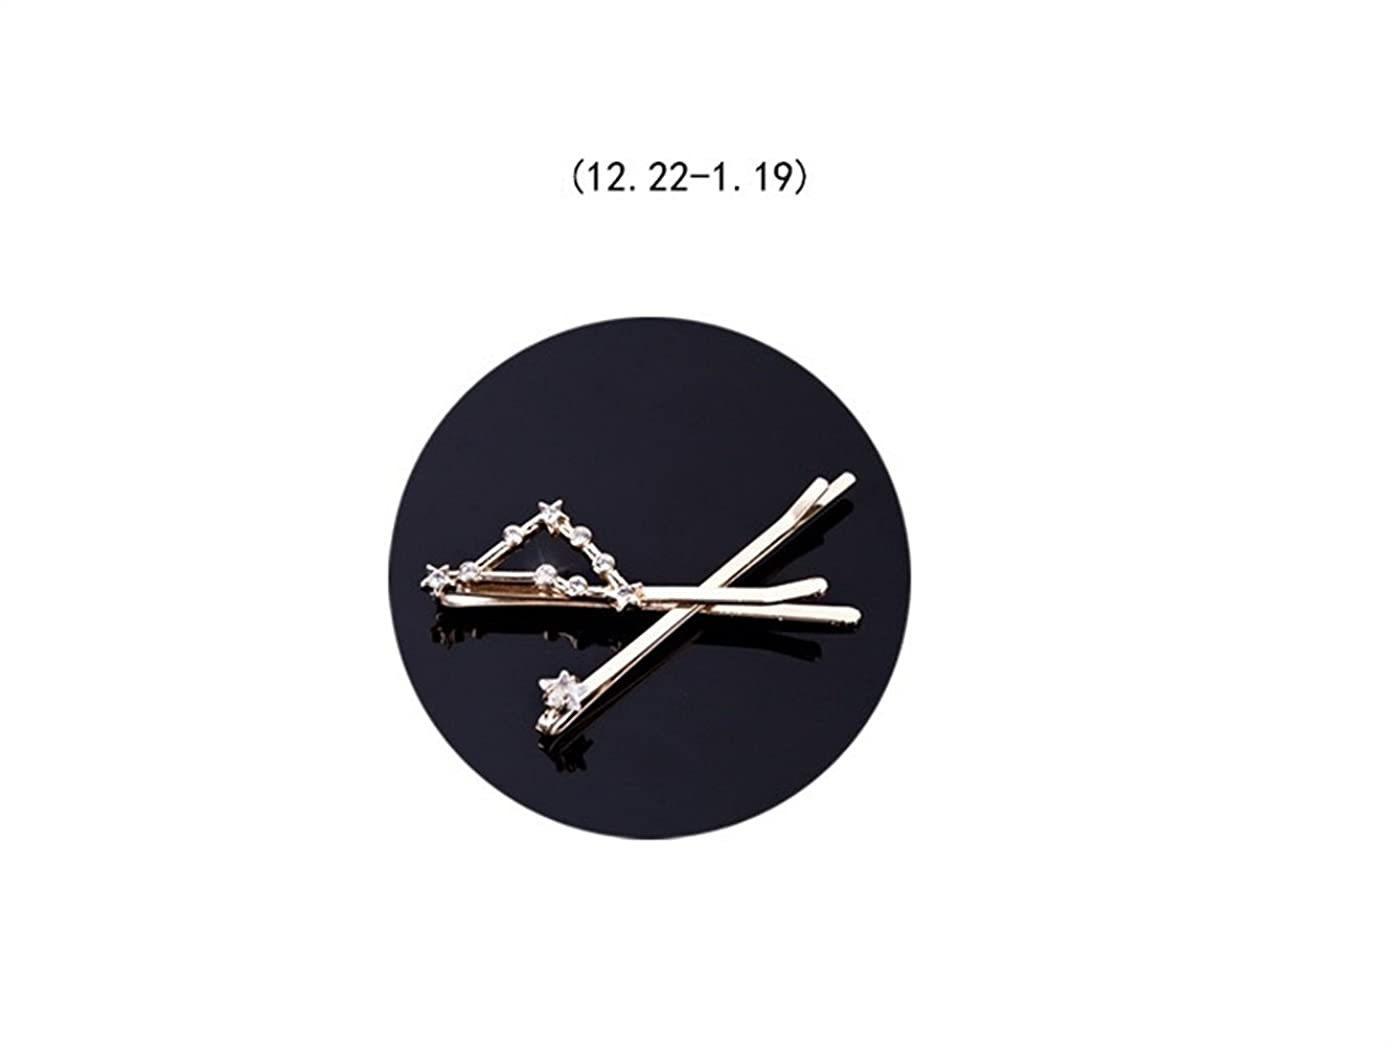 少年光沢のあるニッケルOsize 美しいスタイル 12コンステレーションダイヤモンドジュエリーサイドクリップヘアピンヘアクリップセット(塩尻)